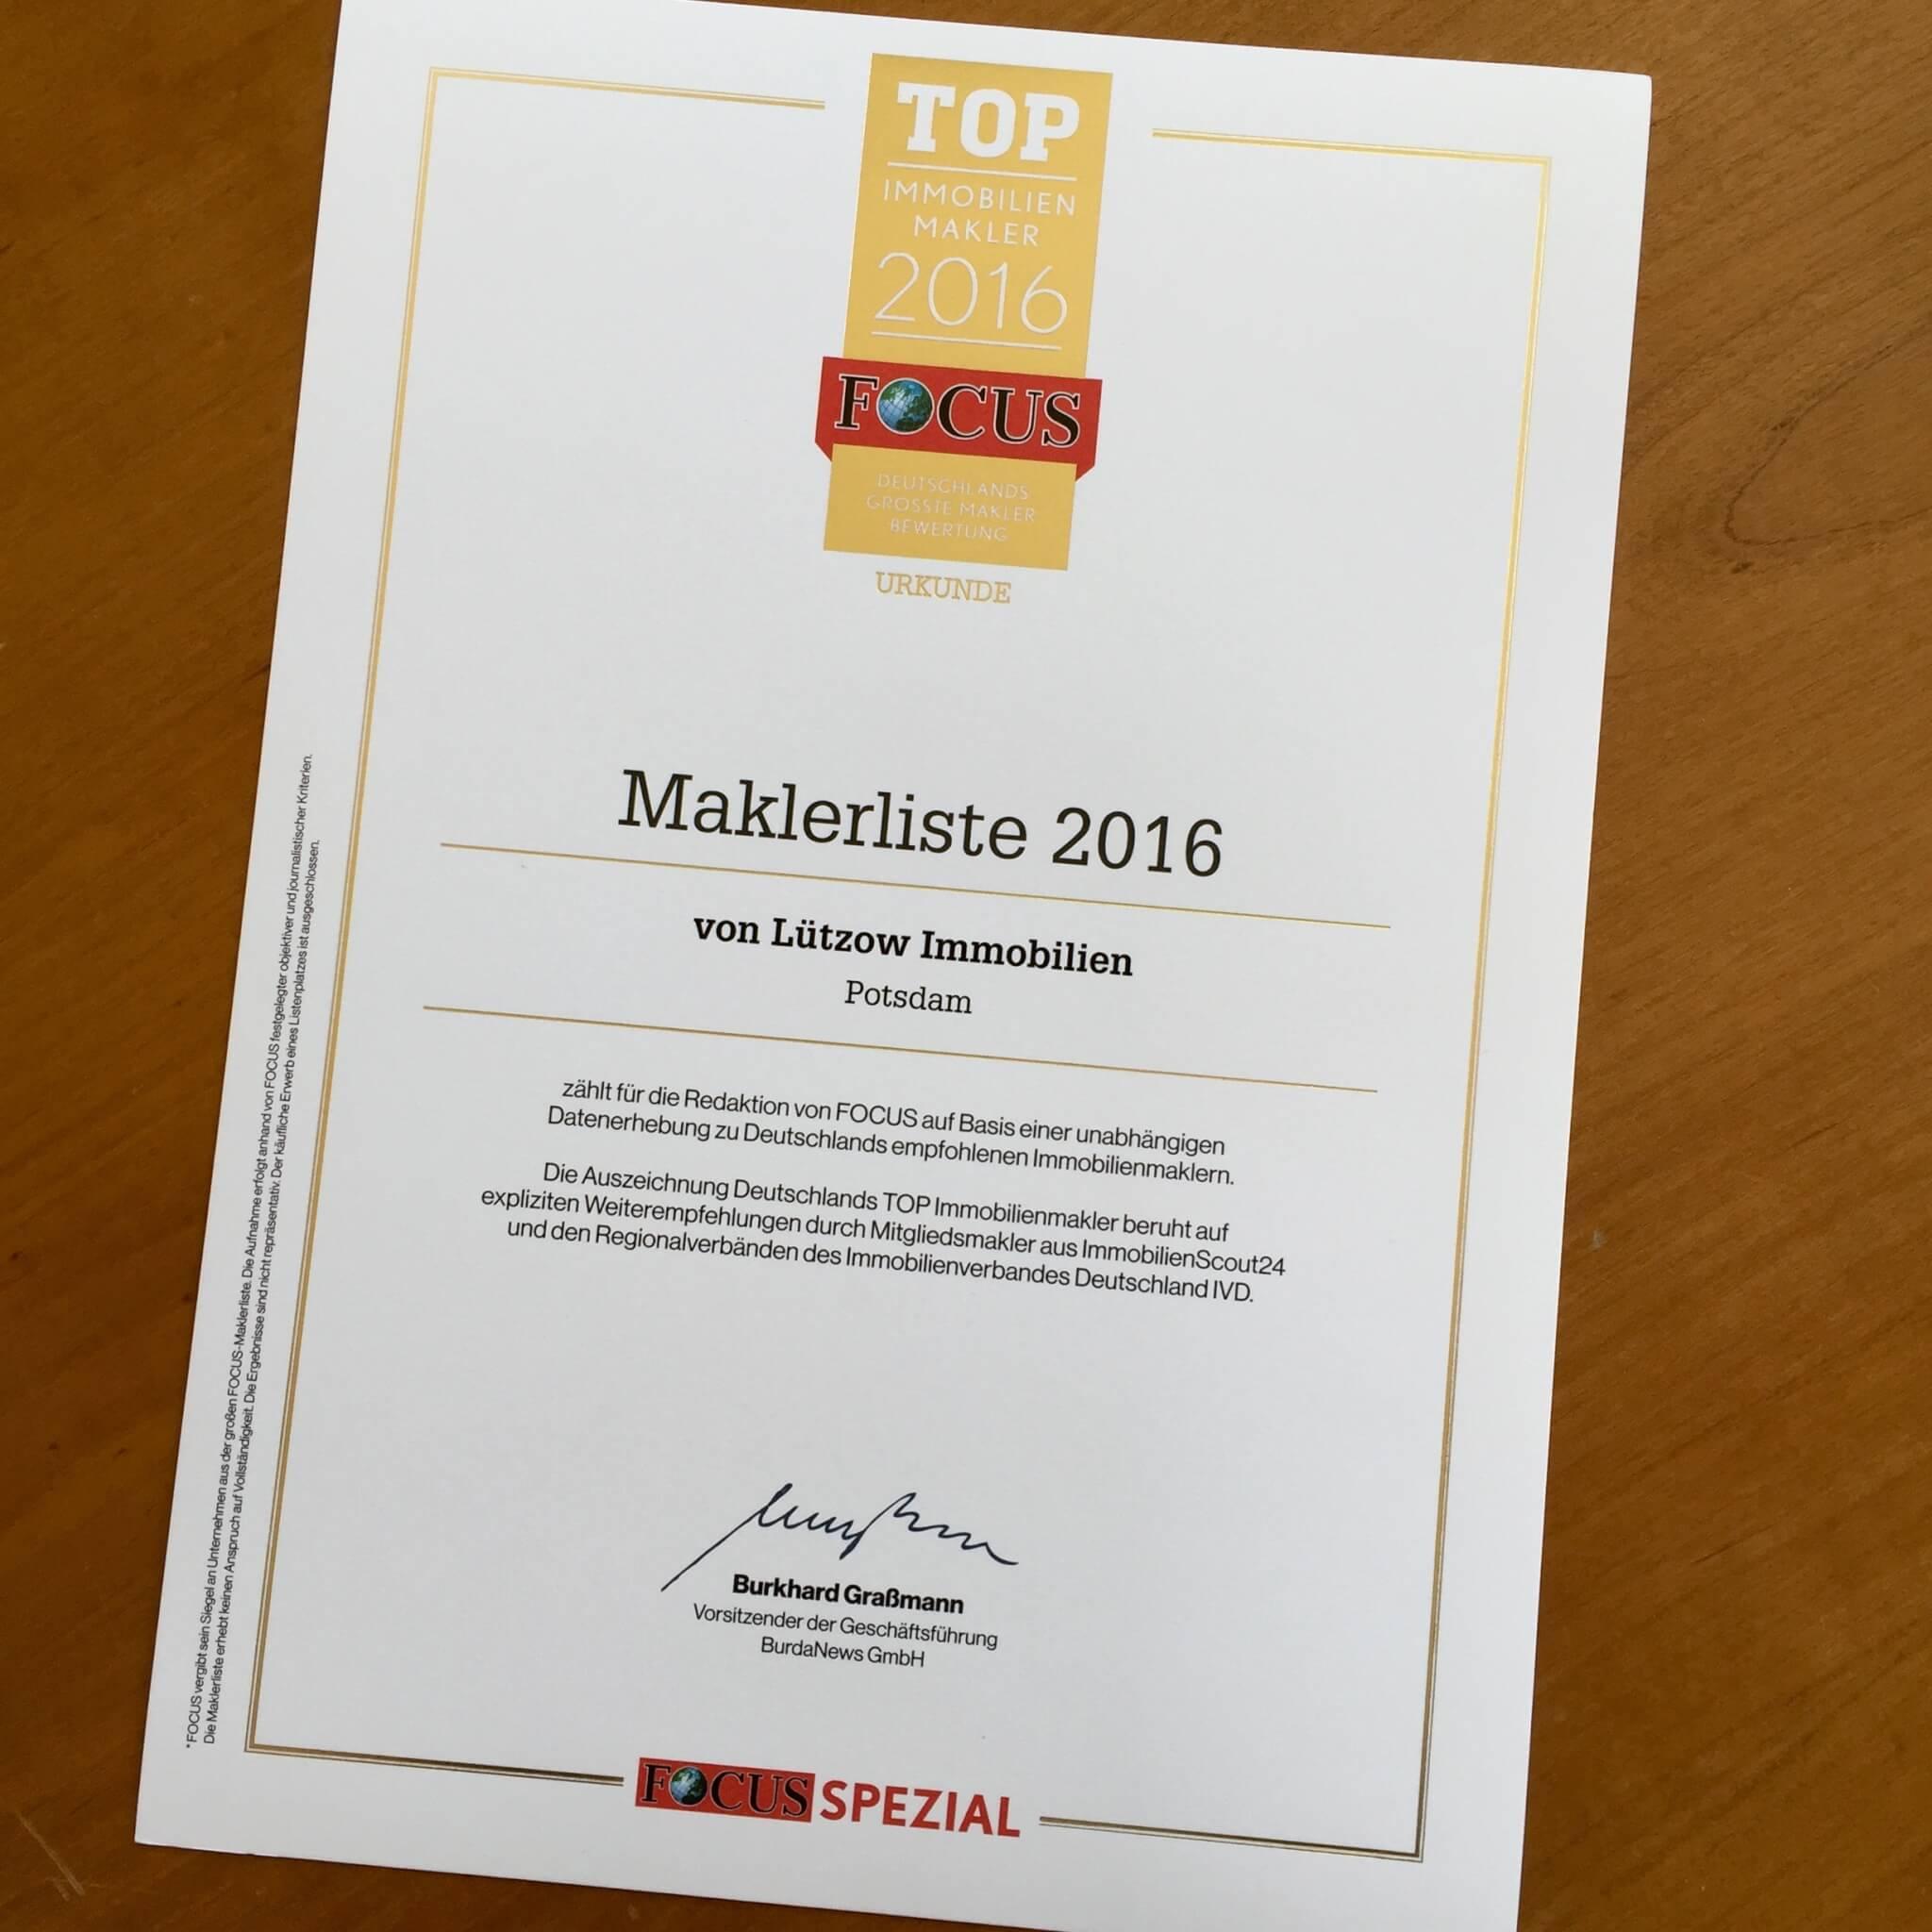 Urkunde Top Immobilienmakler 2016